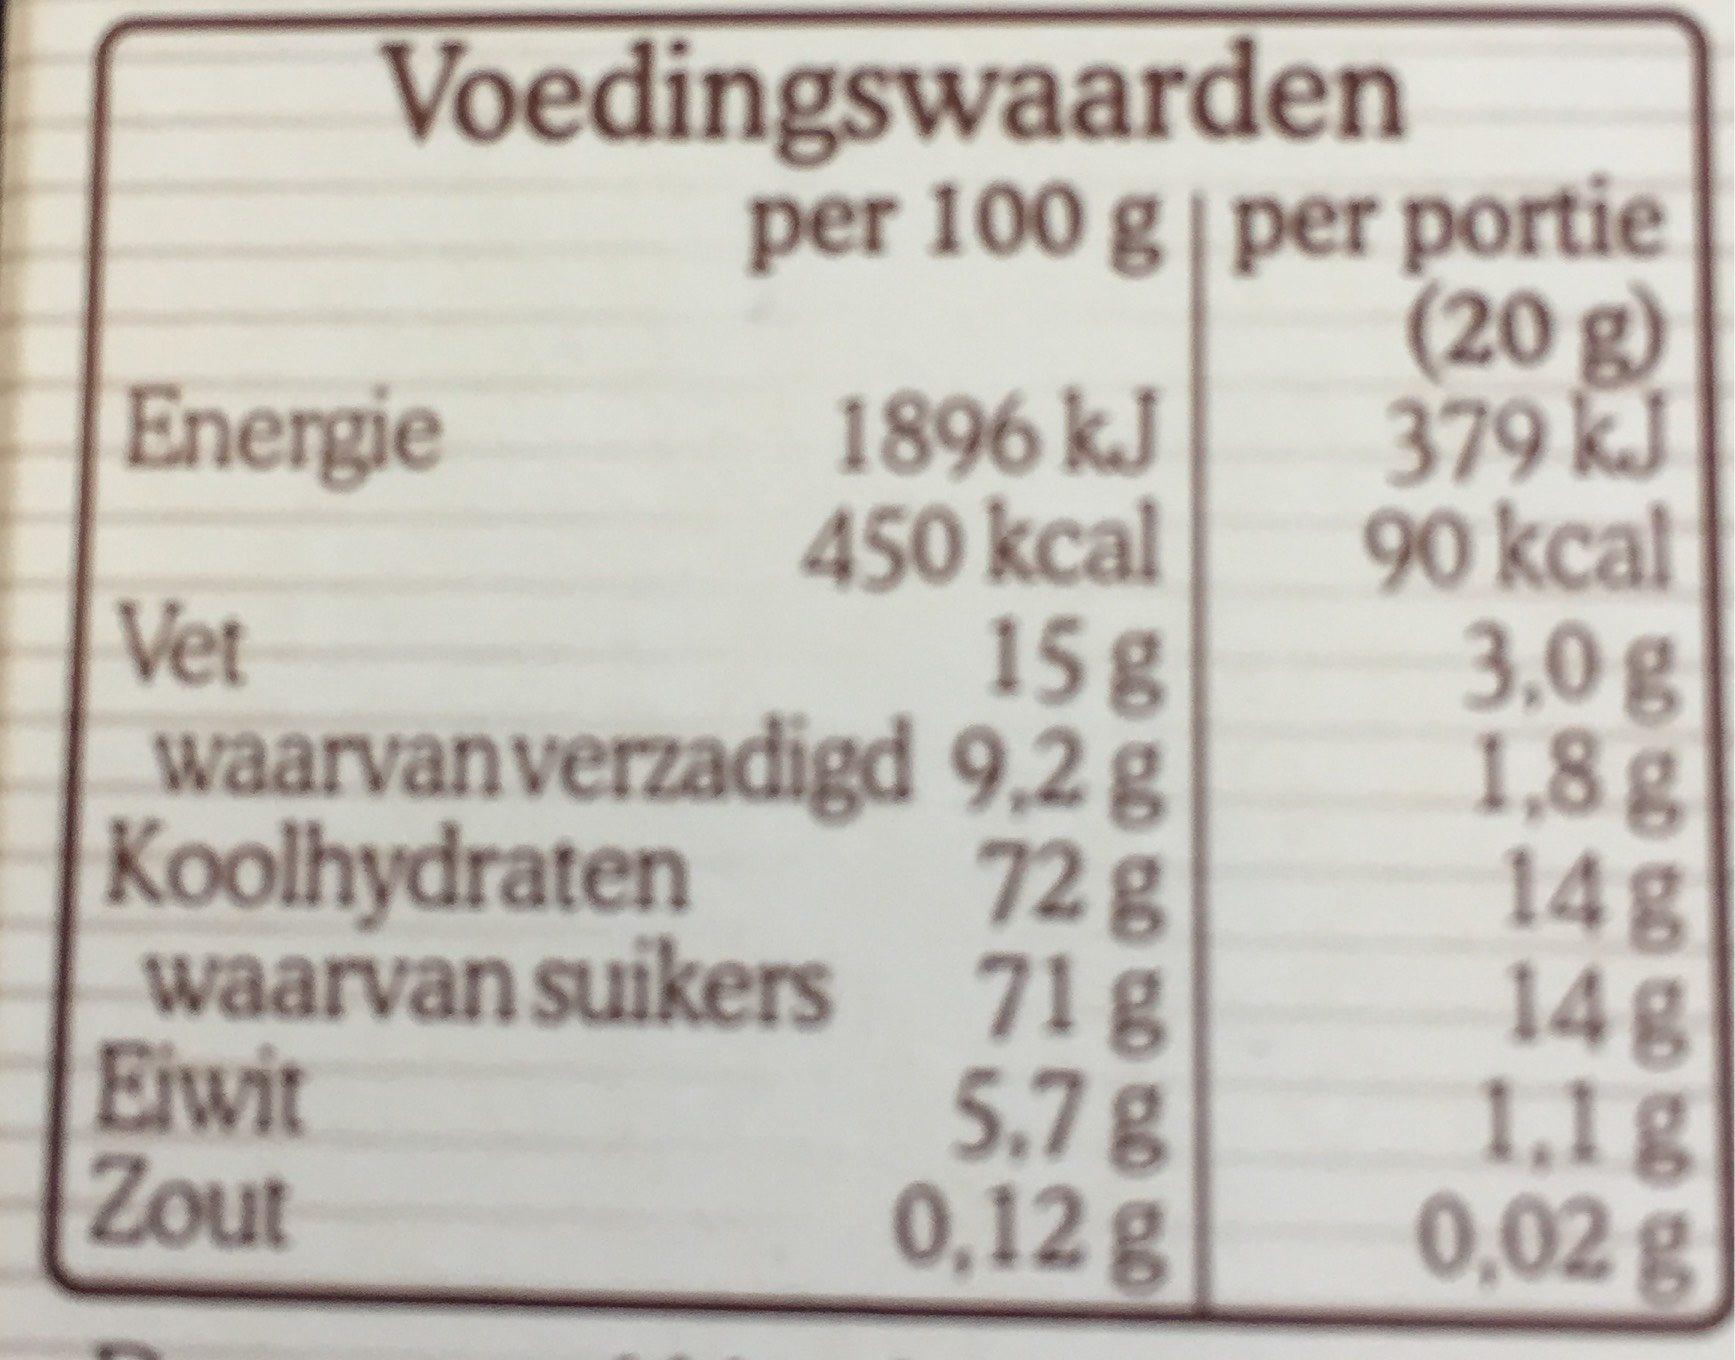 Chocoladehagel Melk Melkchocoladehagel - Voedingswaarden - nl